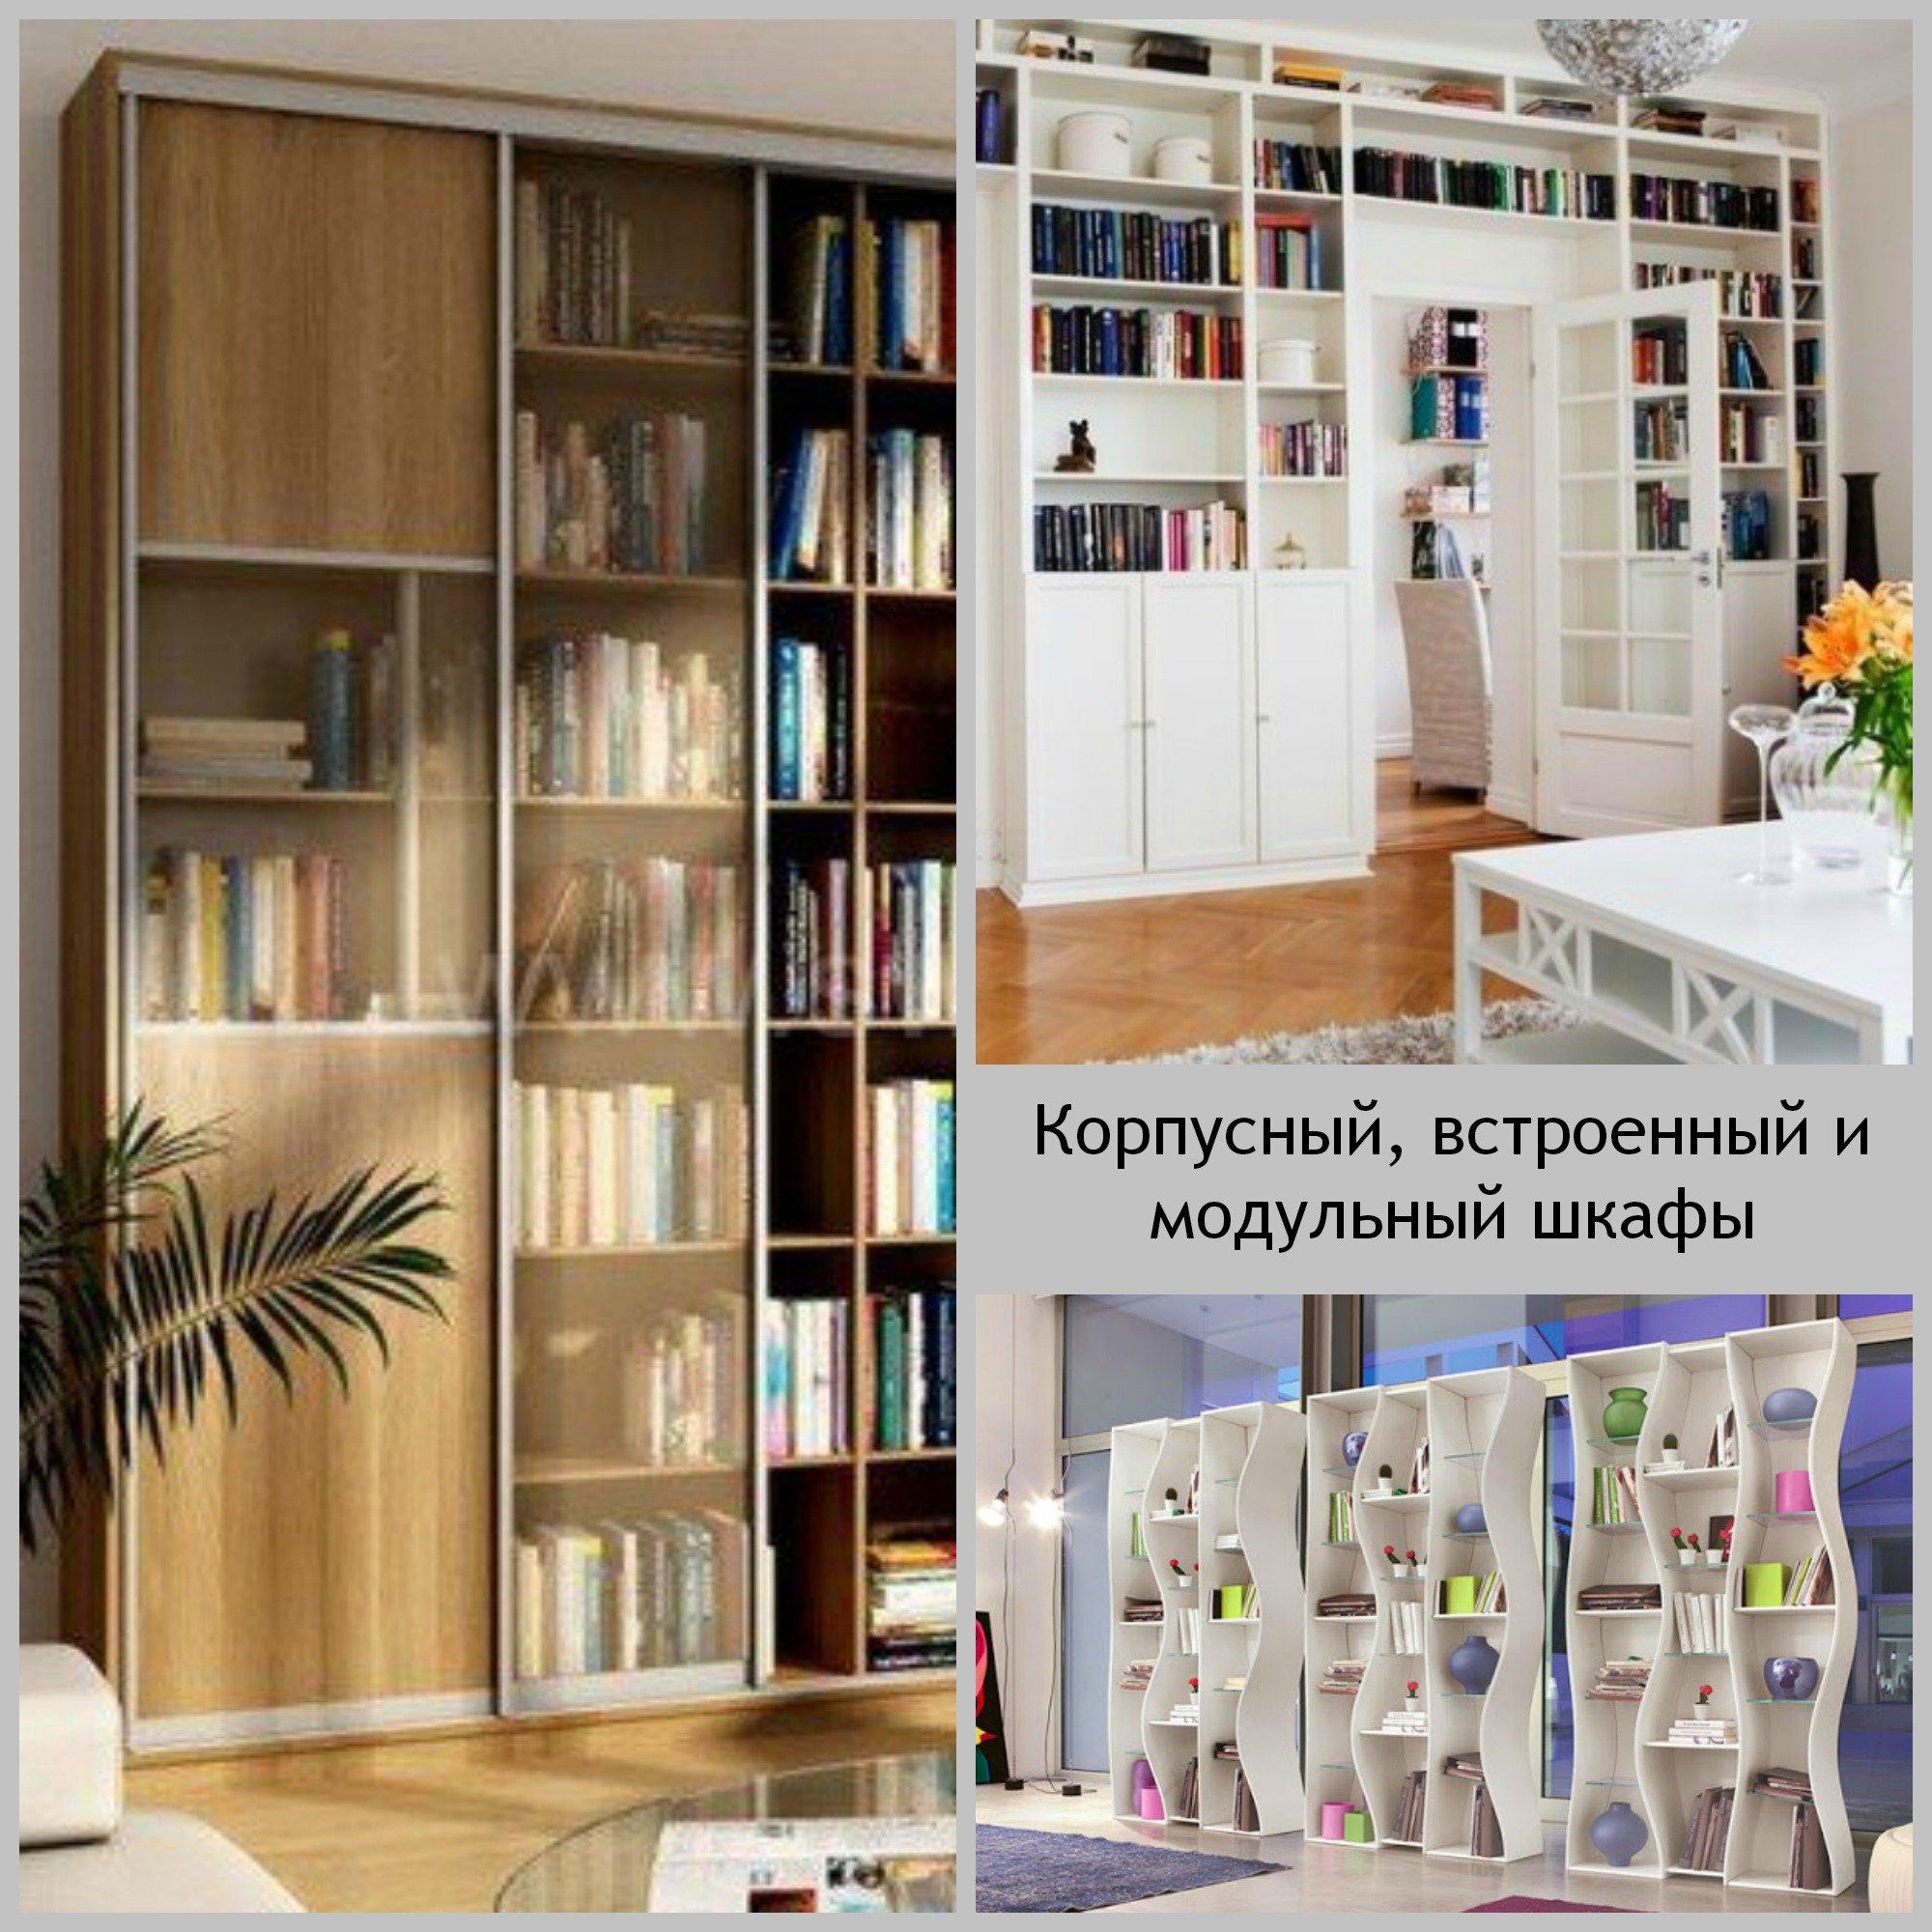 Как сделать книжный шкаф своими руками в домашних условиях 237